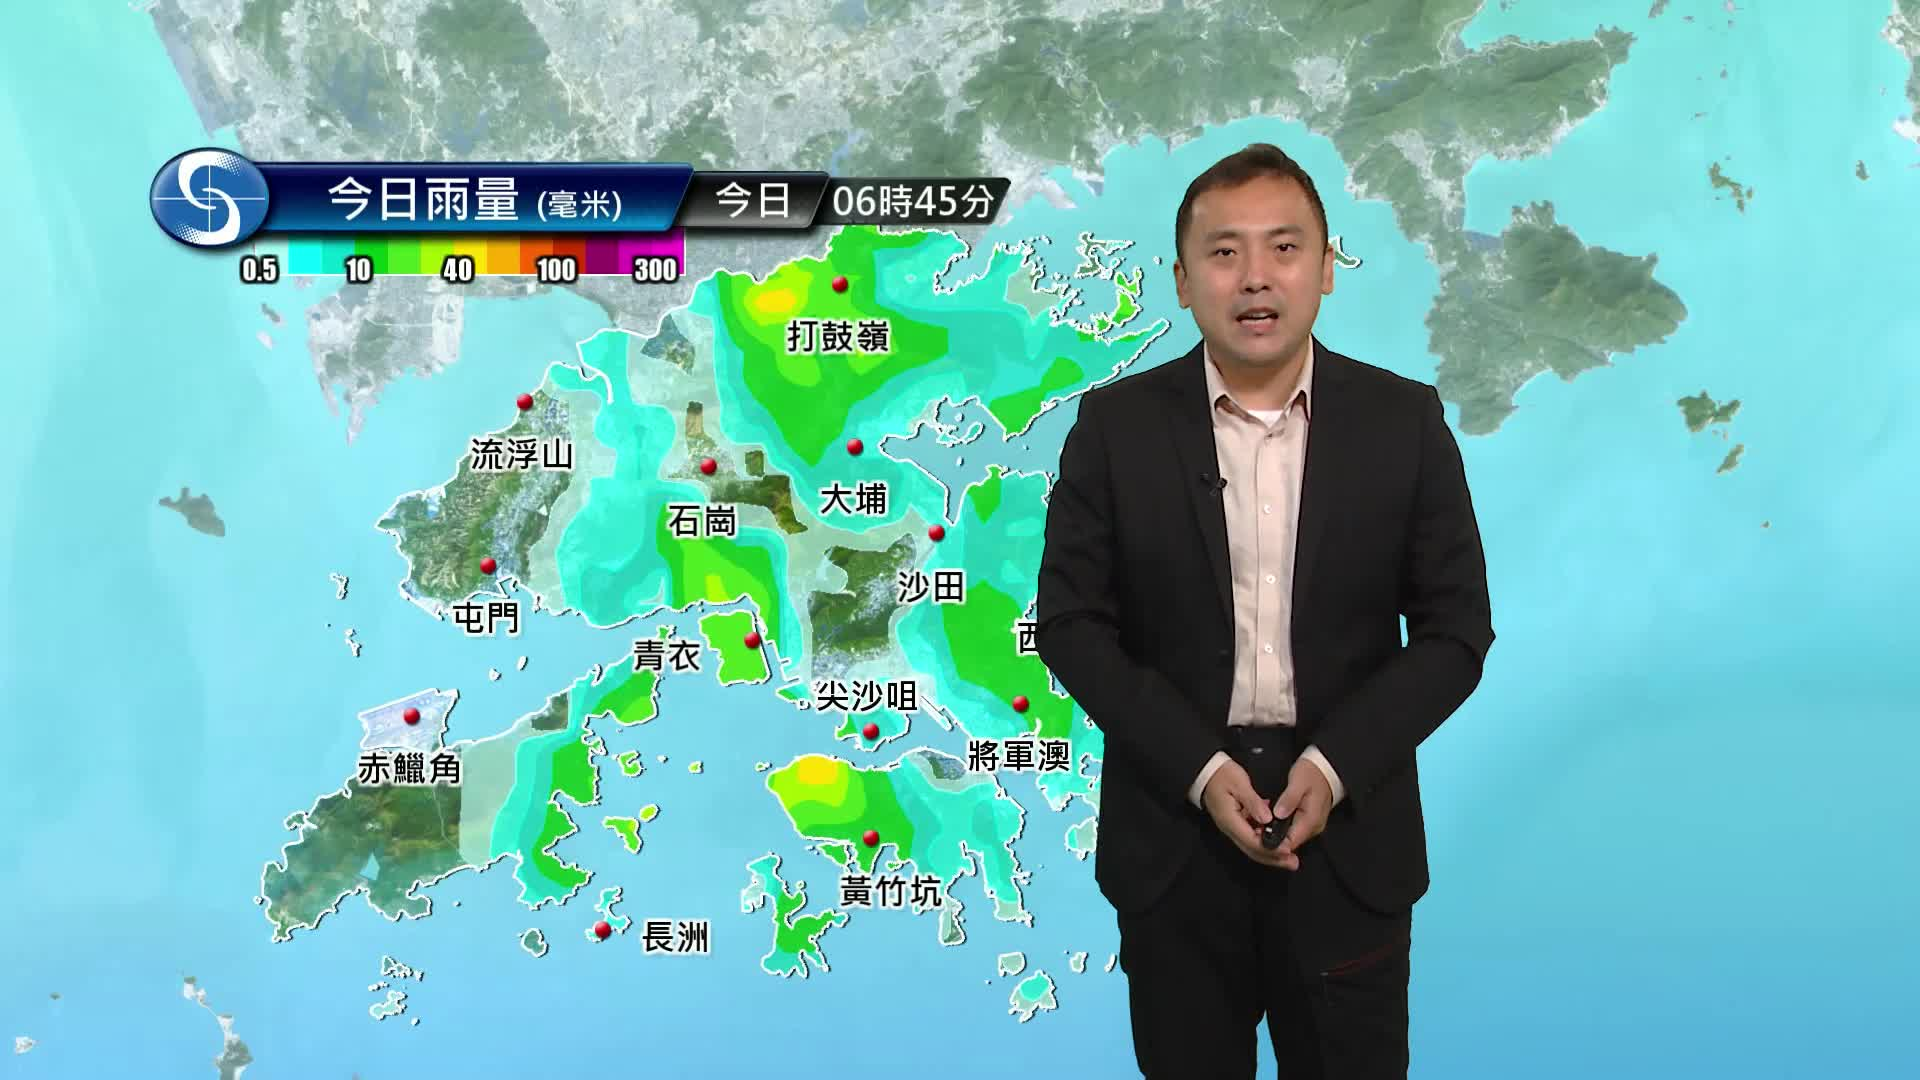 早晨天氣節目(07月24日上午8時) - 科學主任沈志泰